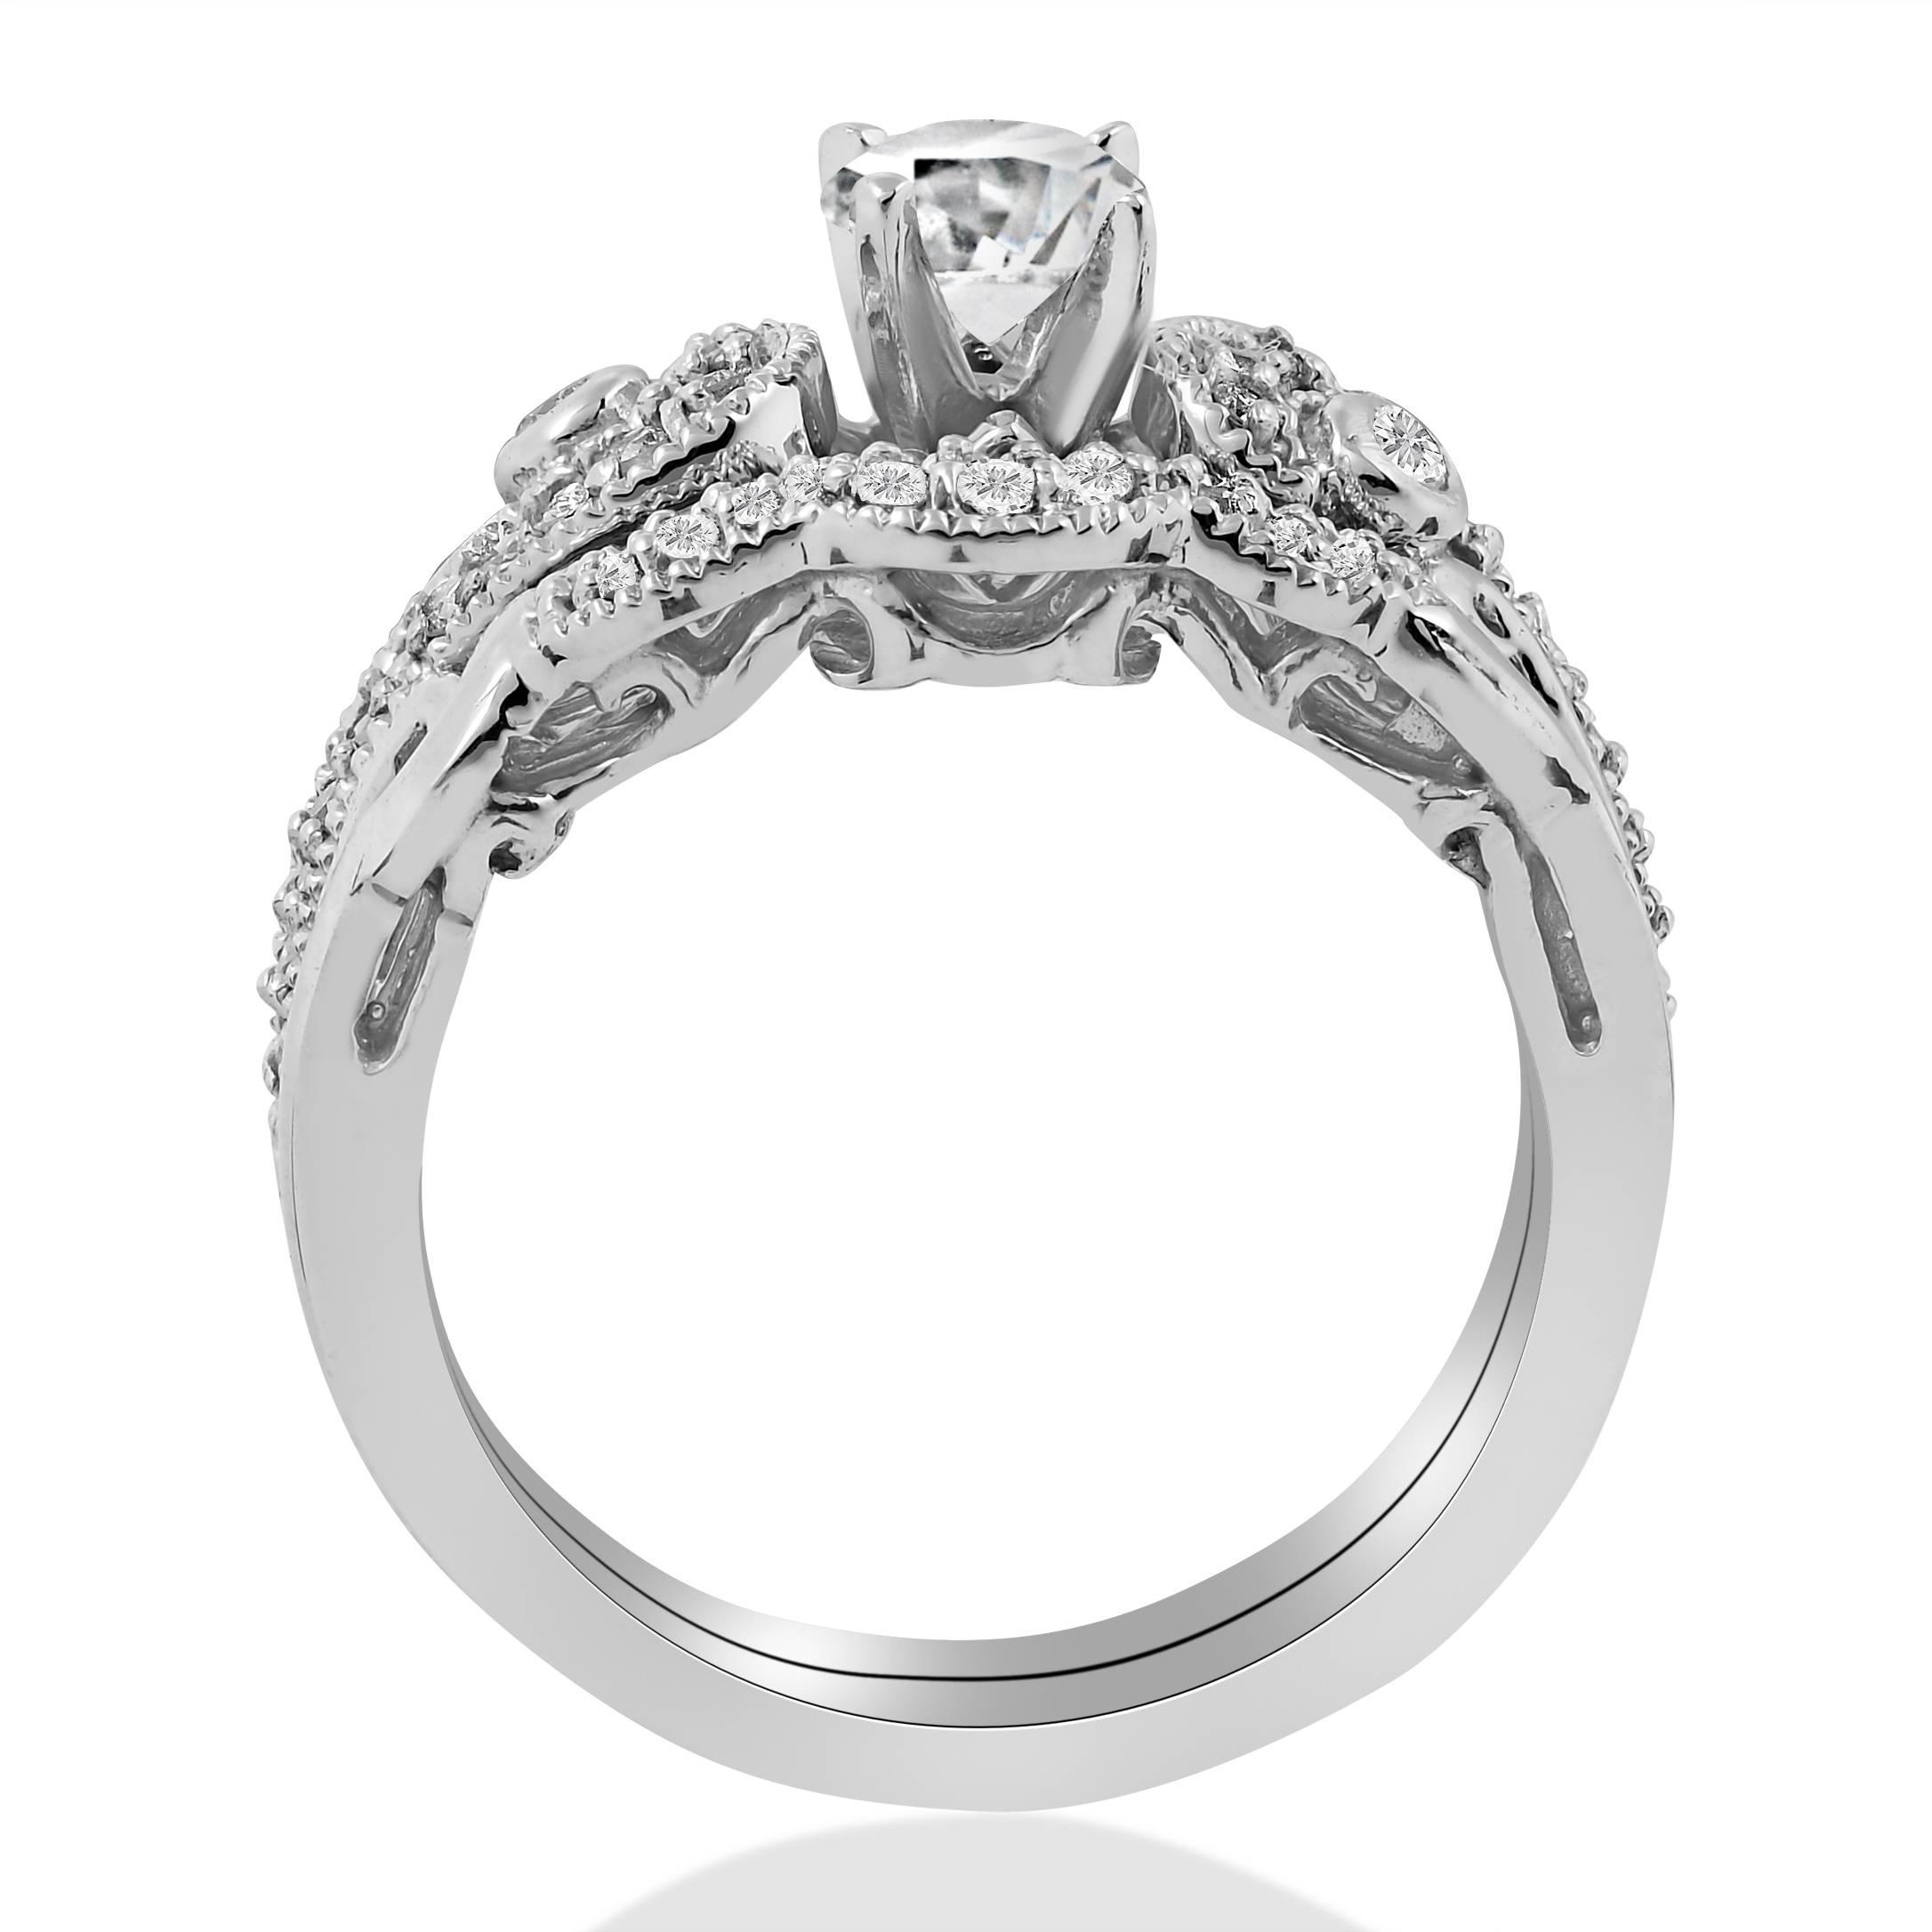 3 4ct Diamond Engagement Wedding Ring Matching Set 14K White Gold